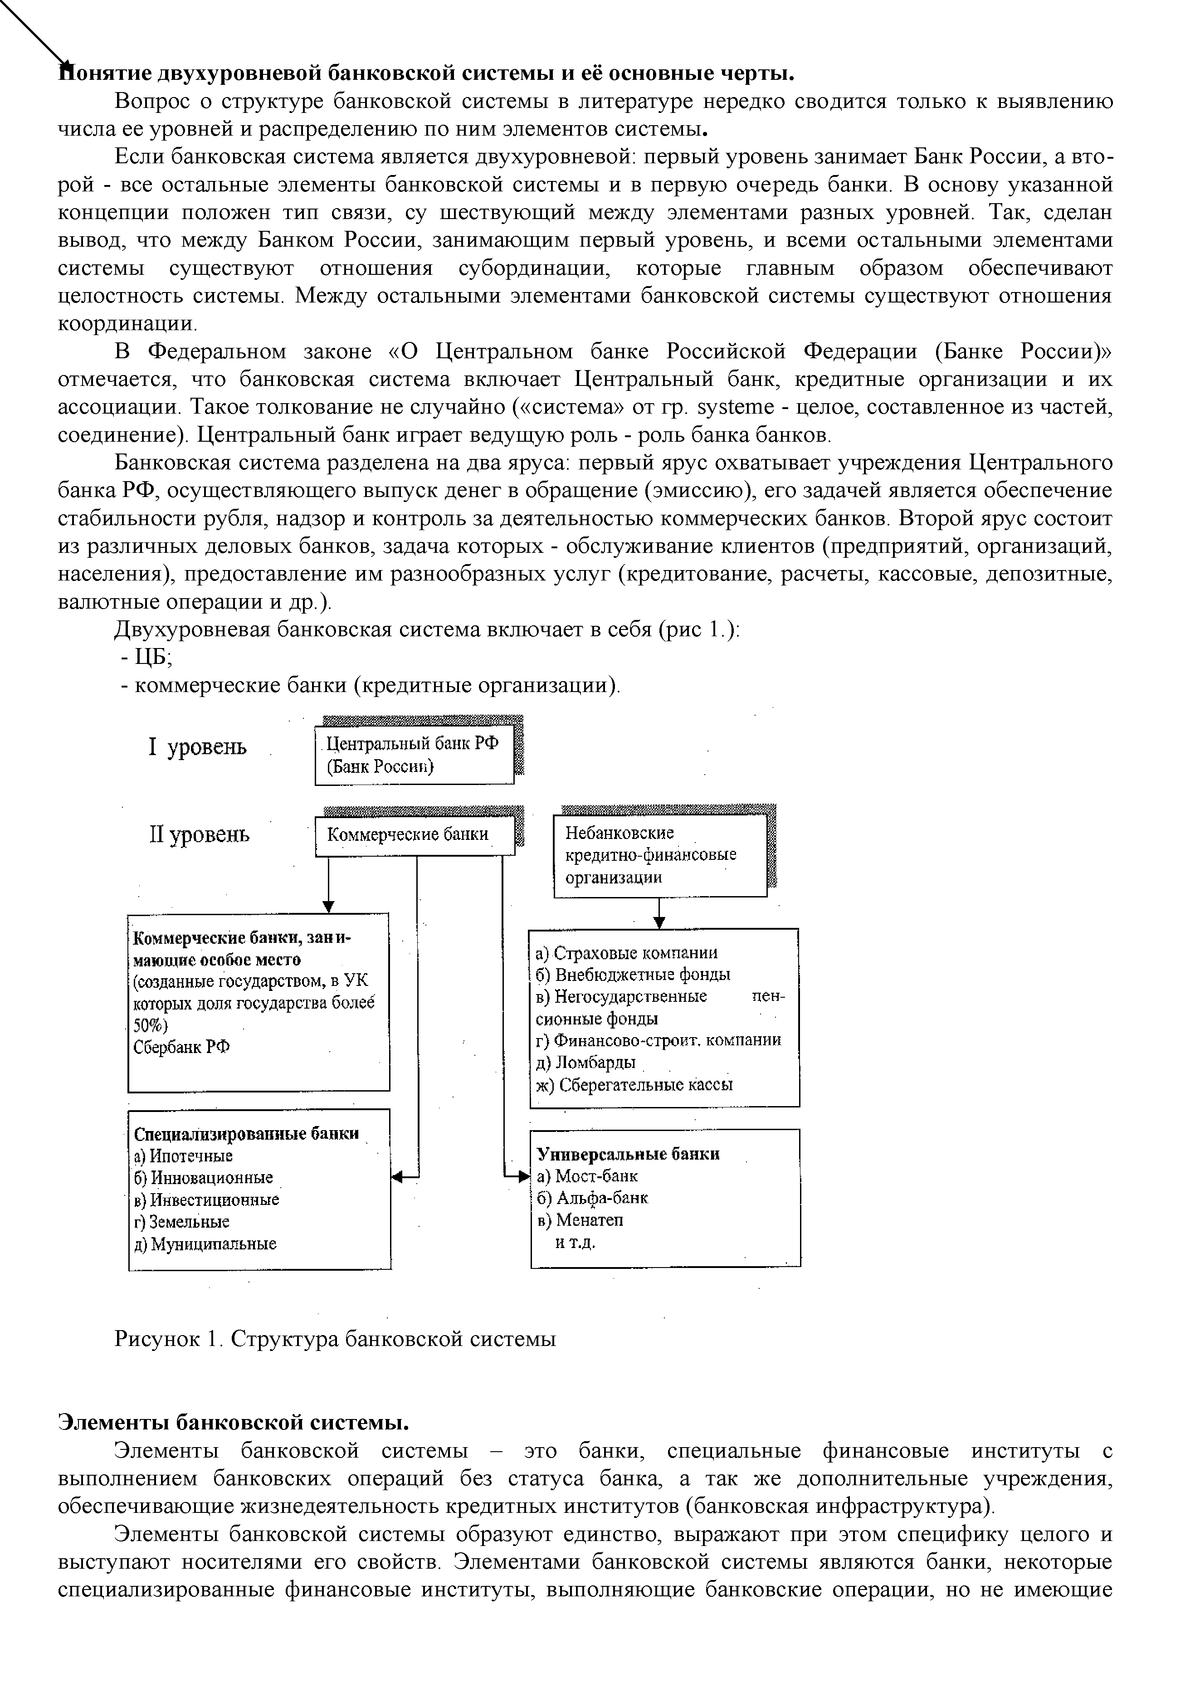 Банки и небанковские кредитно финансовые организации